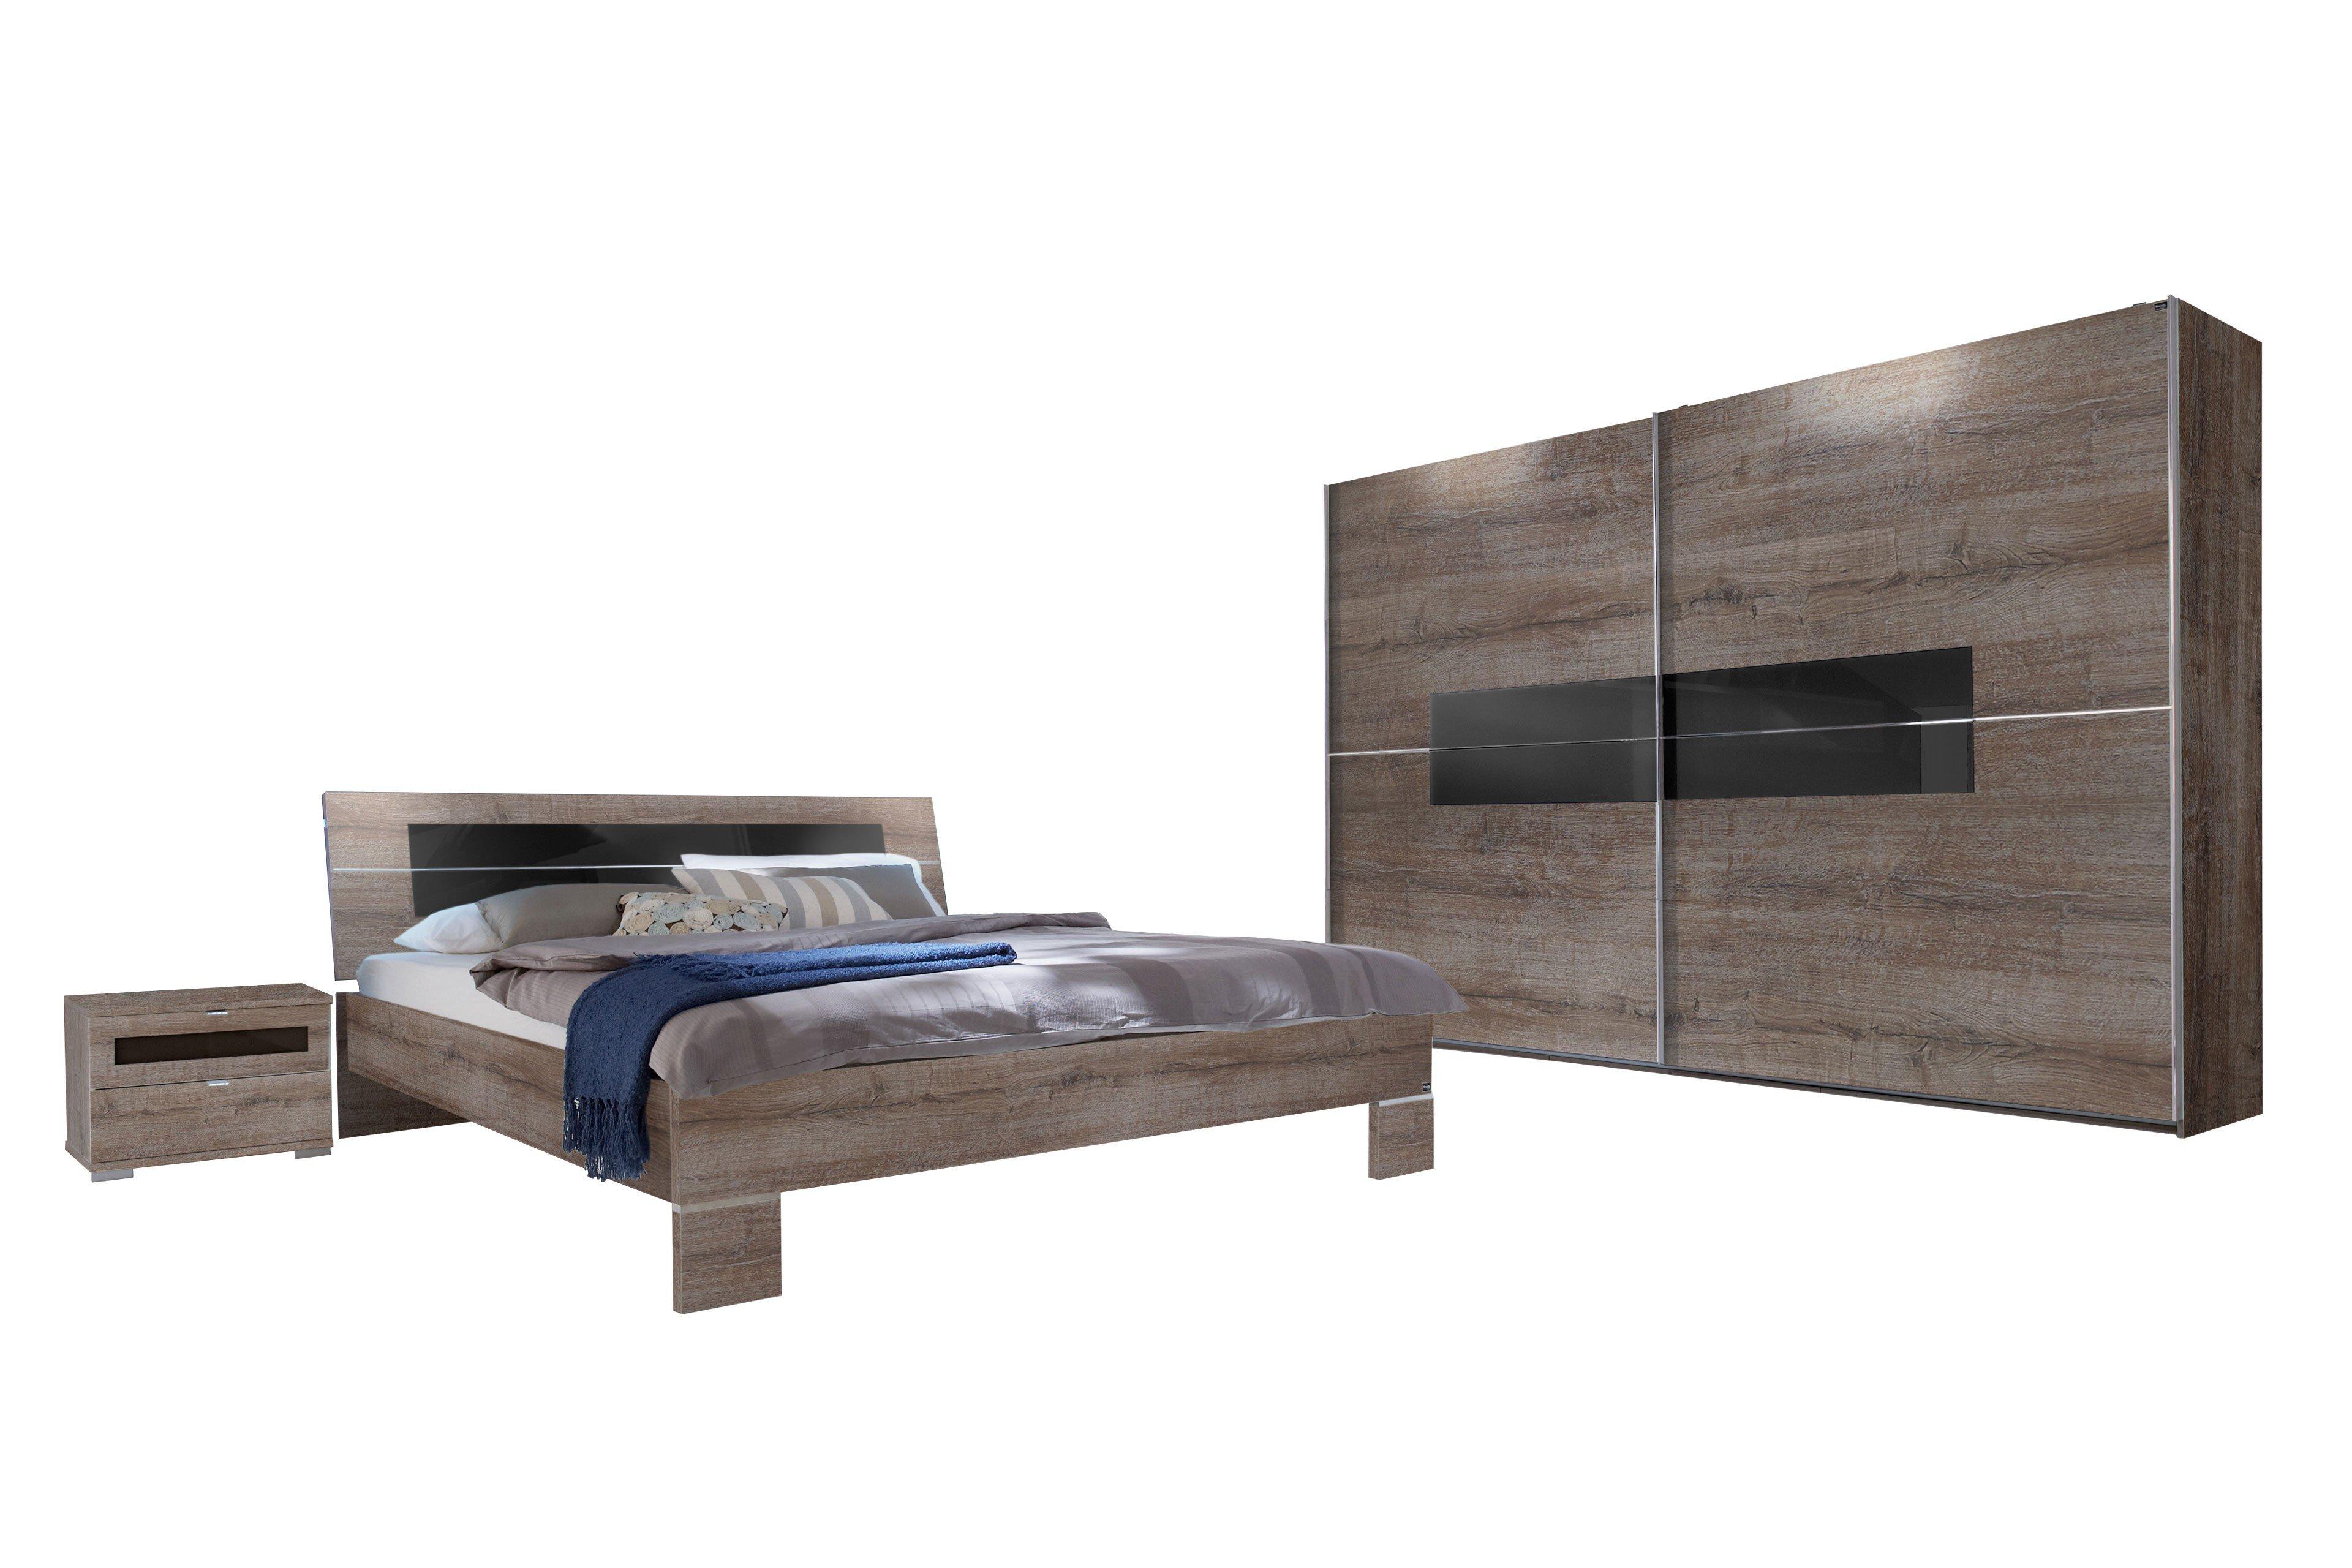 wimex schlafzimmer advantage mit glasauflage schwarz mobel letz schlafzimmer schlammeiche